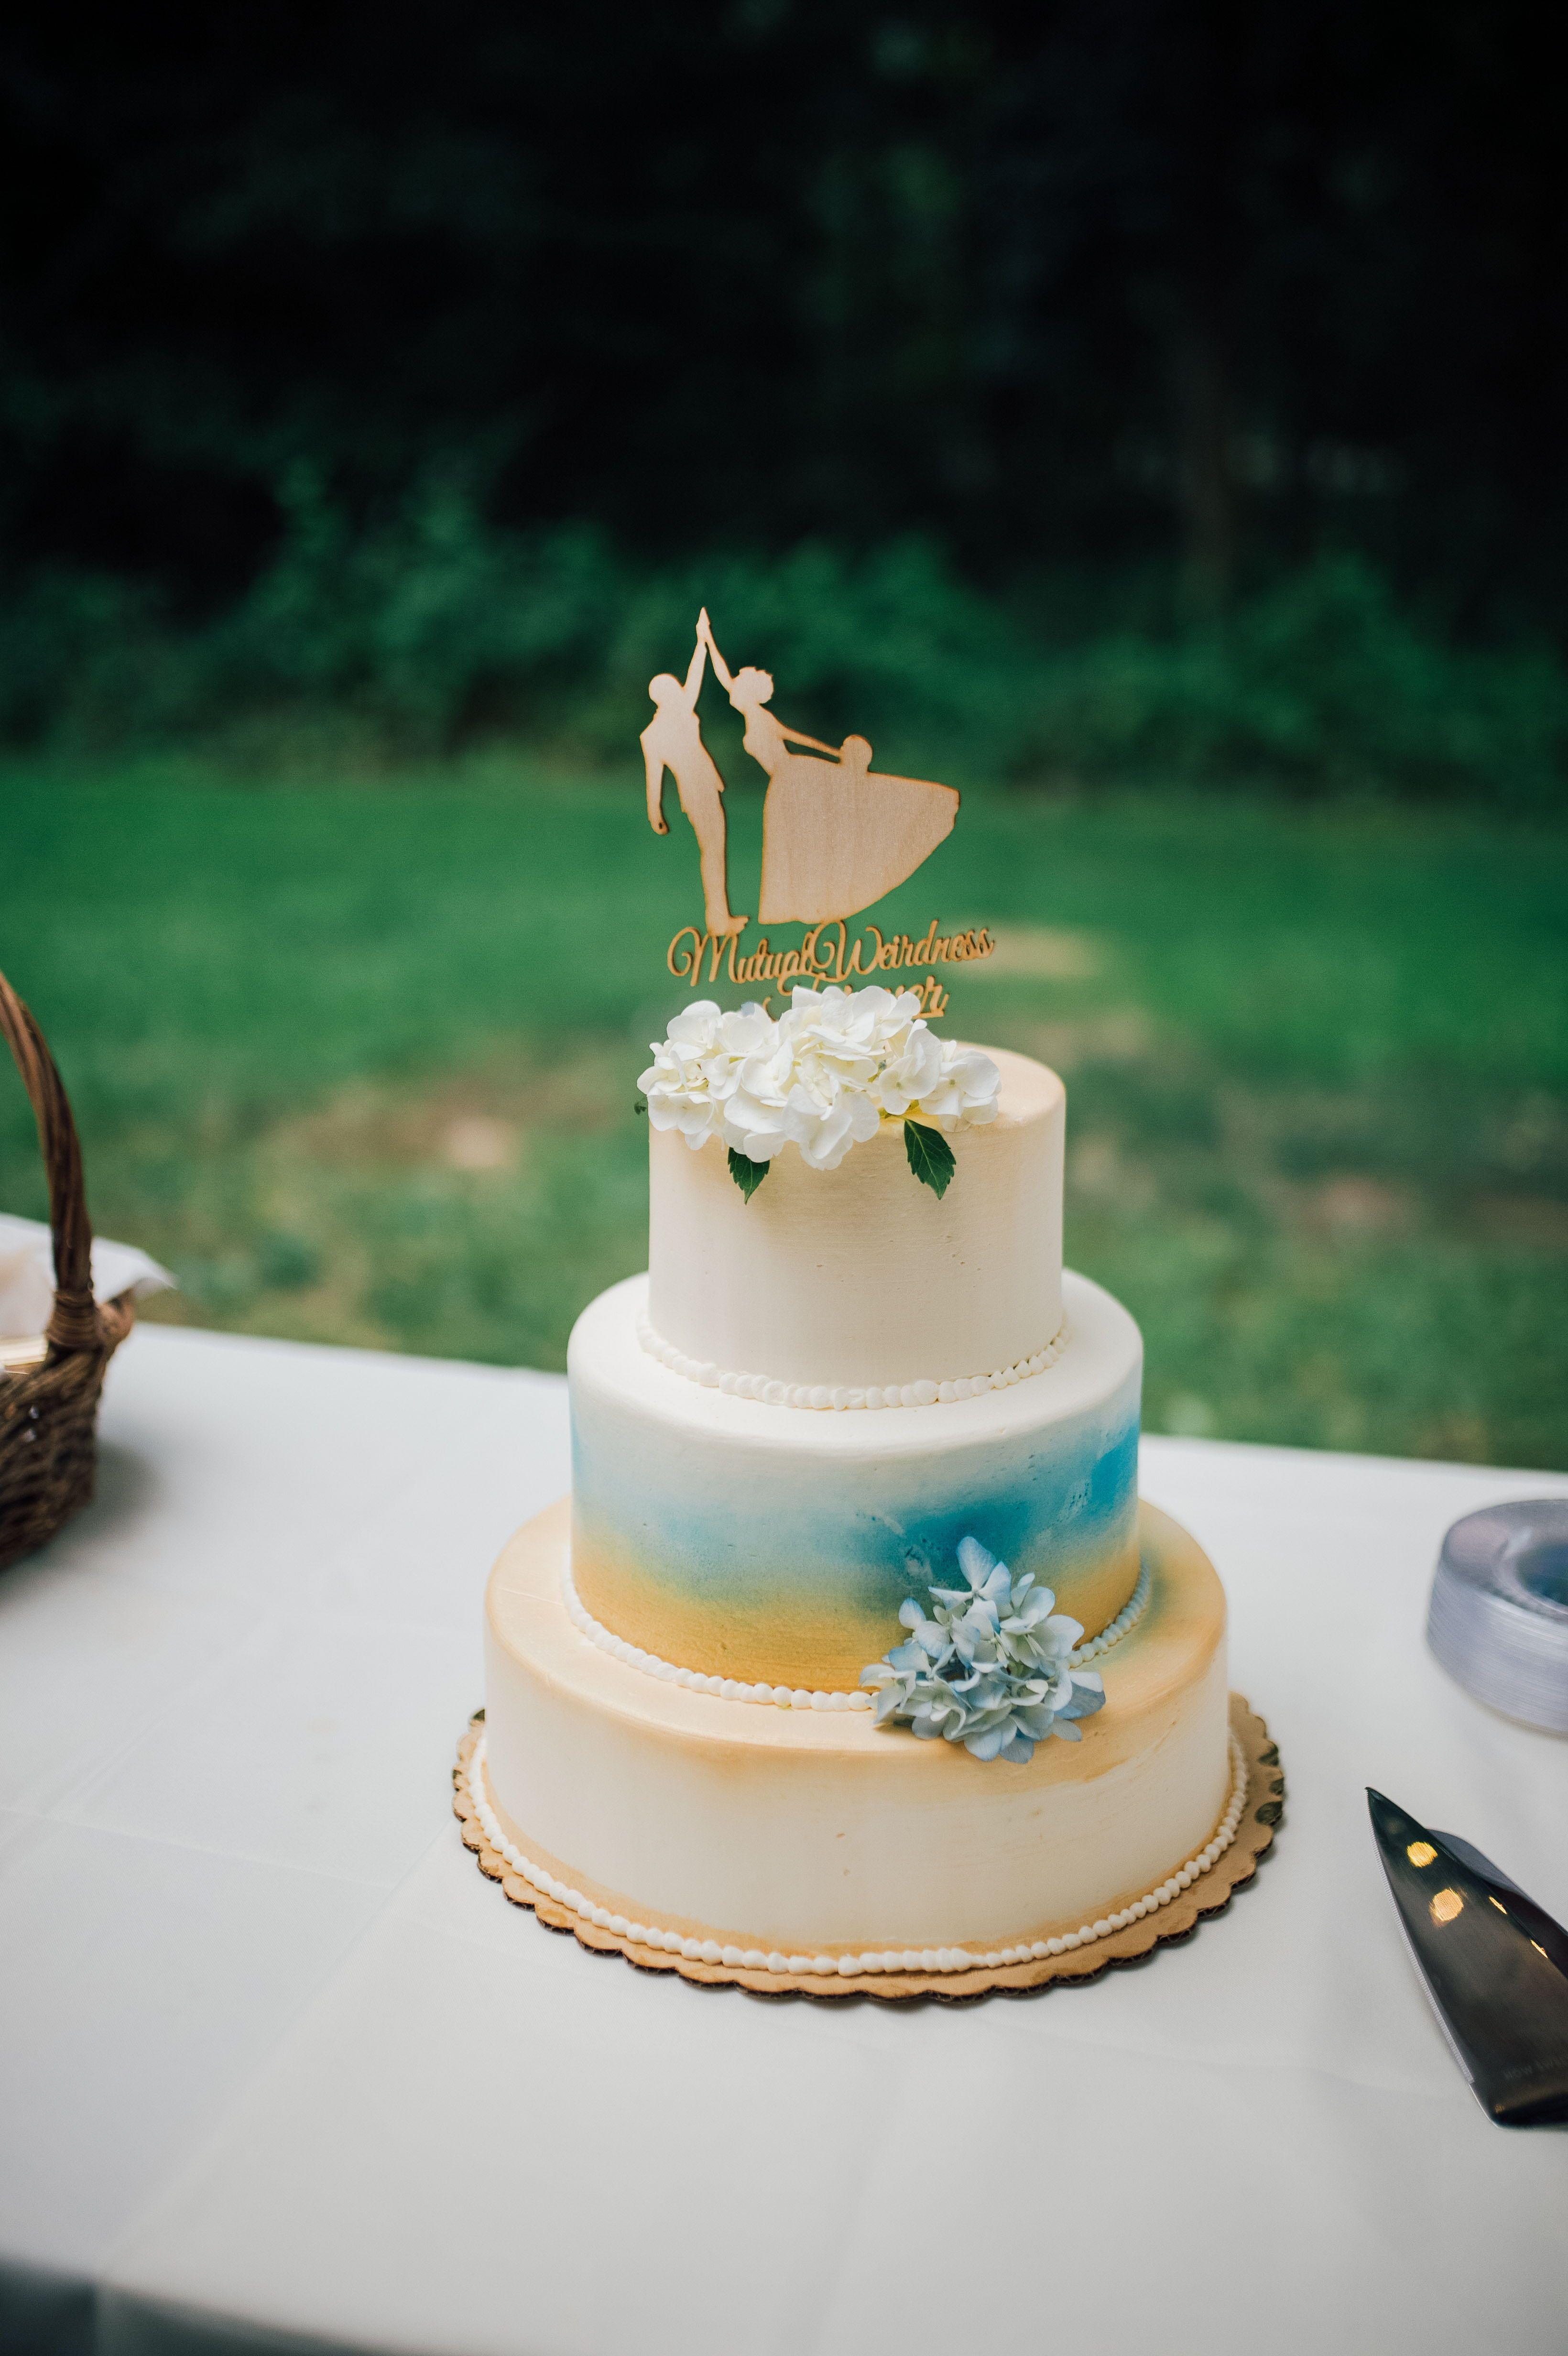 Wedding Photographer Blue And Gold Wedding Cake Wood Wedding Cake Topper Unique Wedding Wedding Cake Toppers Wood Cake Topper Wedding Spring Wedding Cake